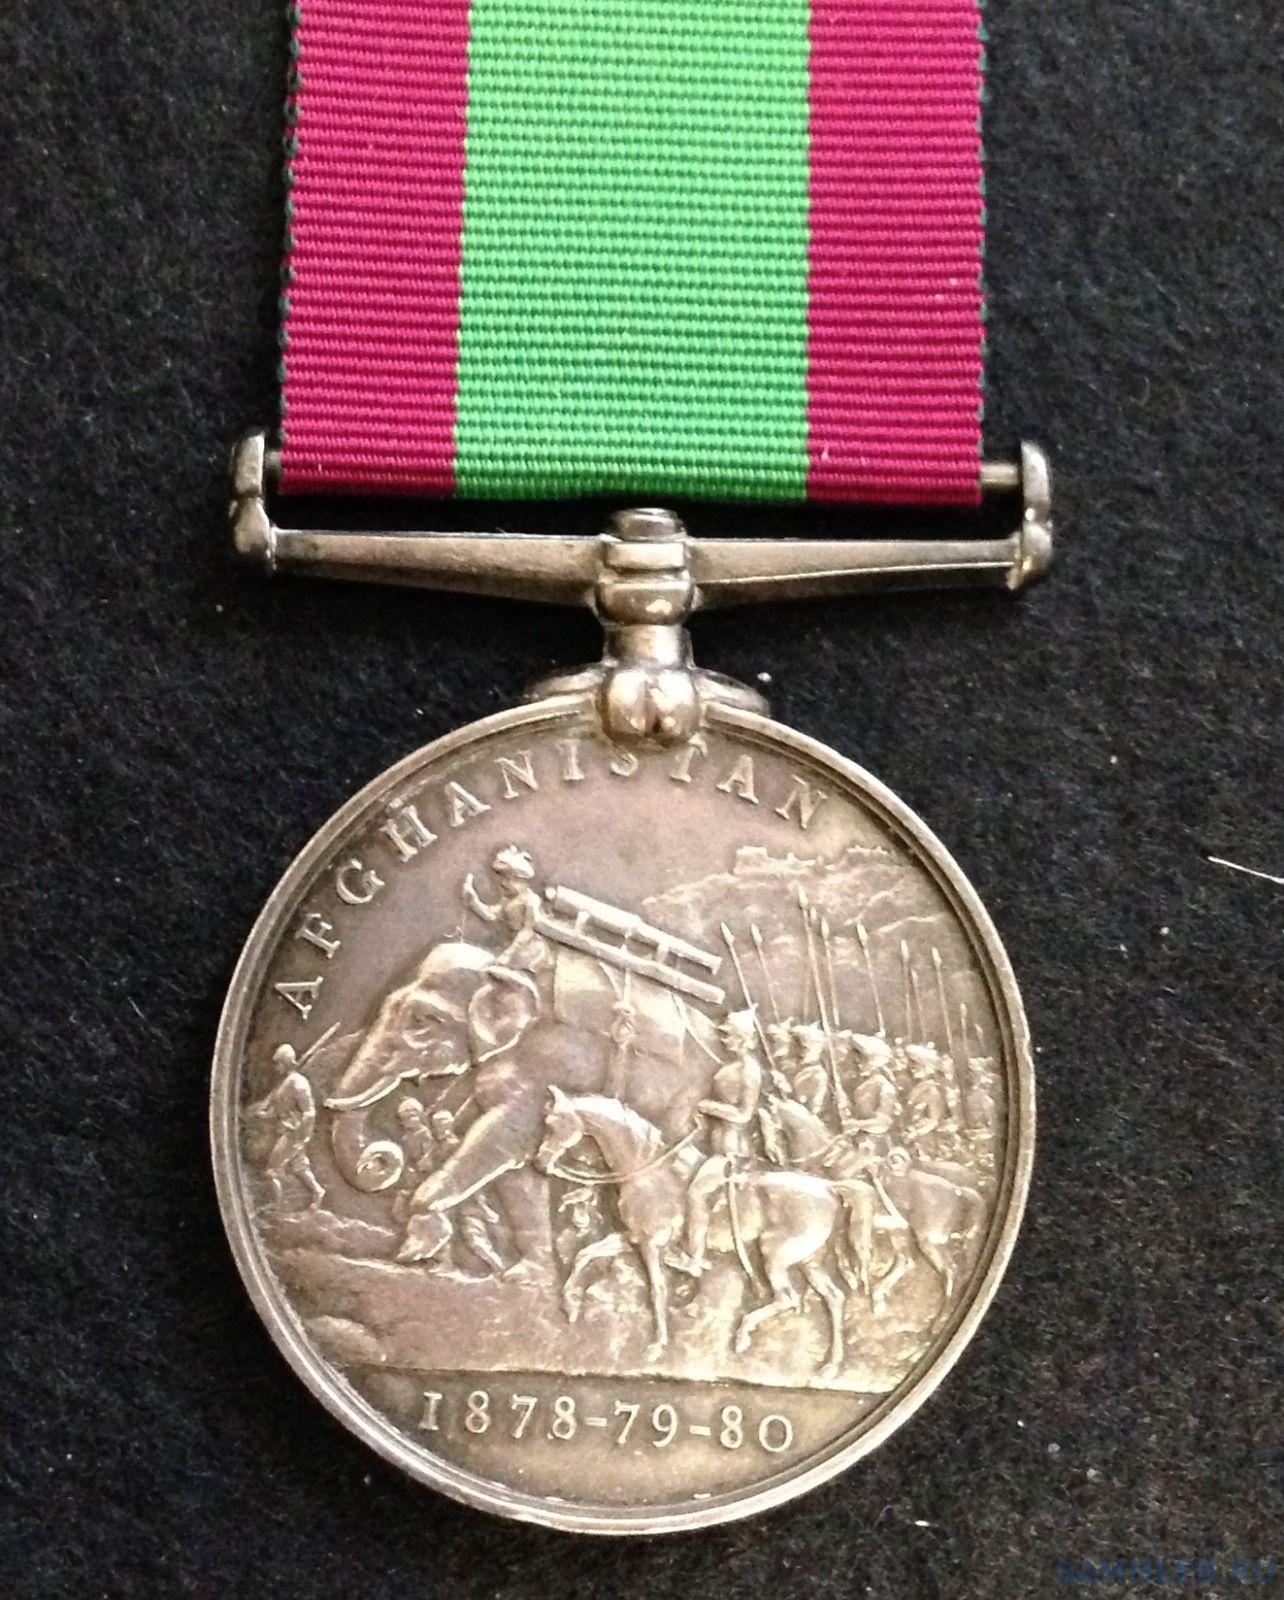 Afghan War 1878-90 medal Pte.Atkins-rever.JPG